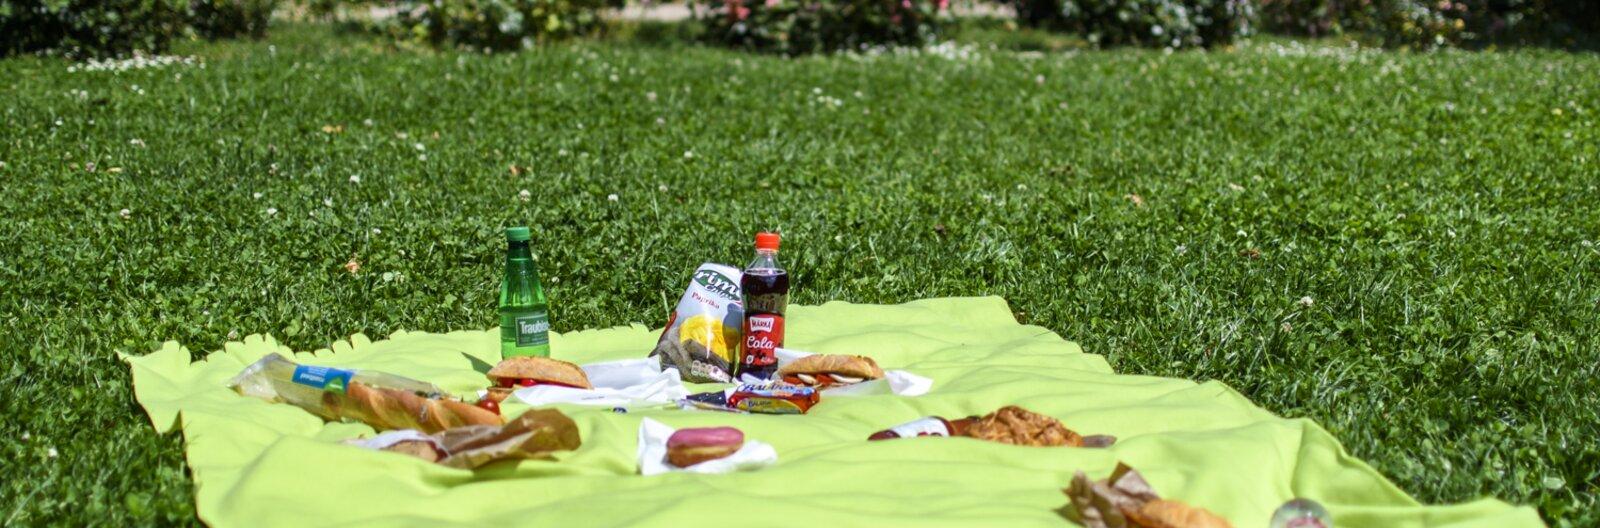 5 belvárosi parkot ajánlunk spontán budapesti piknikezéshez